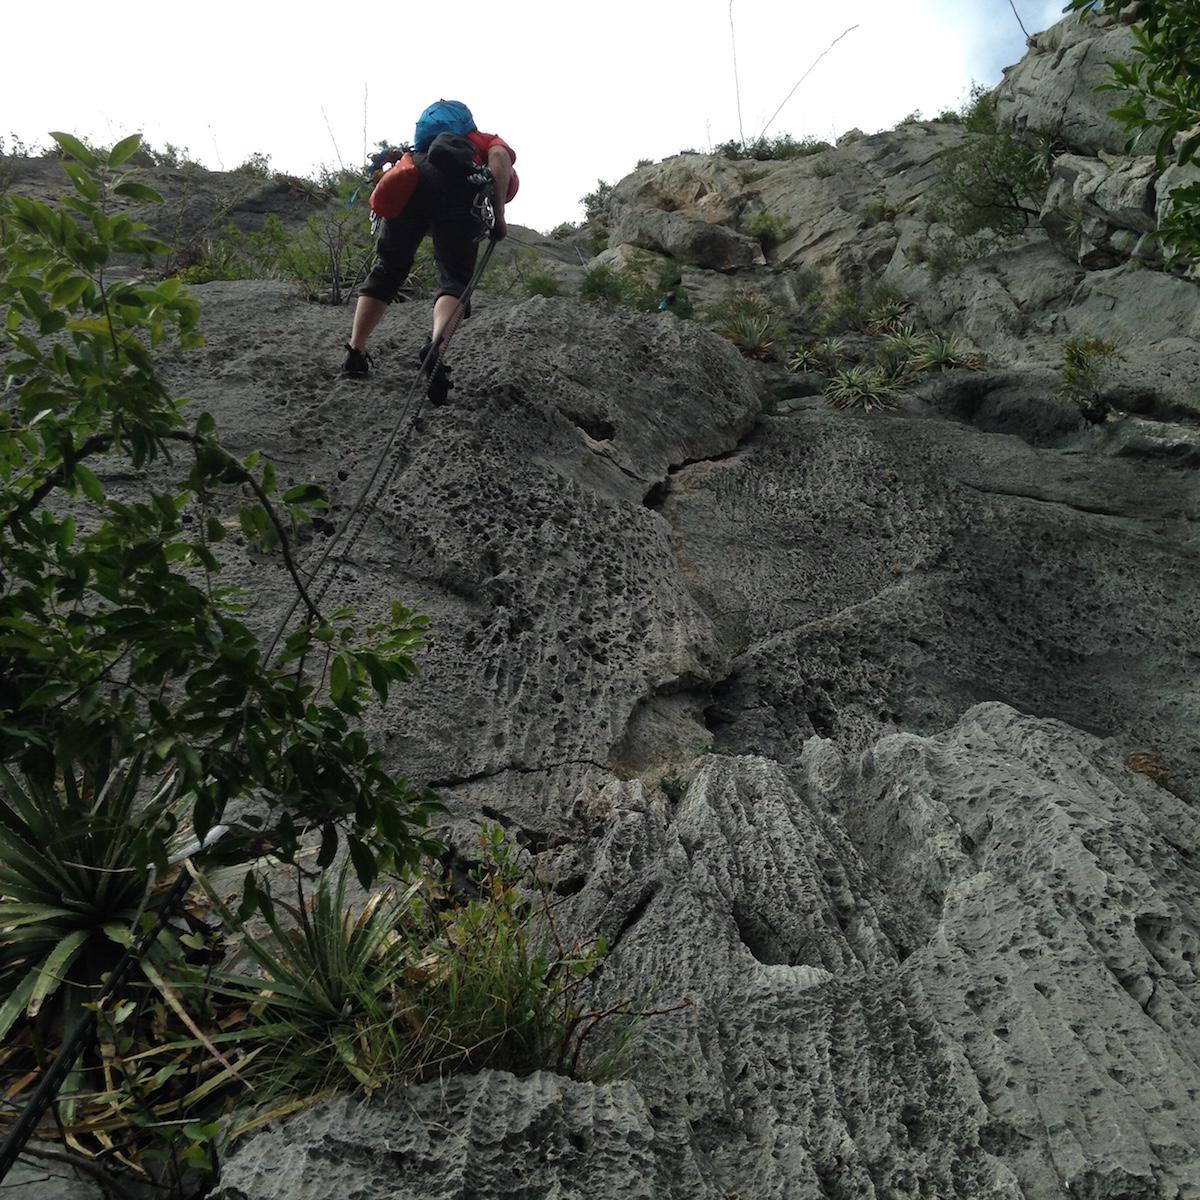 The token climbing ass shot, butt on descent. Photo by Lida Frydrychova.